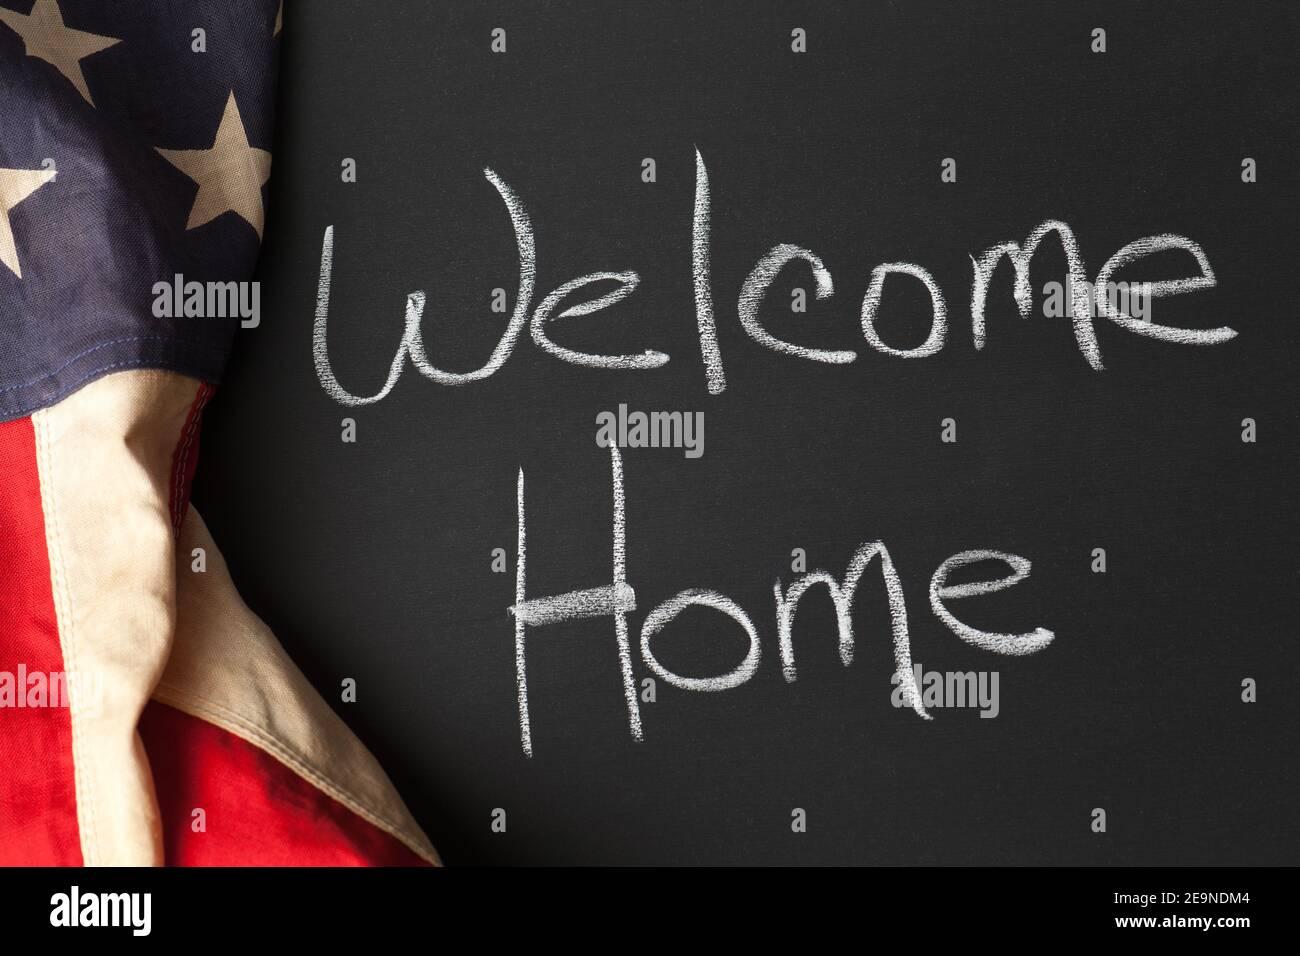 Willkommen zu Hause geschrieben auf einer Tafel mit Vintage amerikanischen Flagge Stockfoto